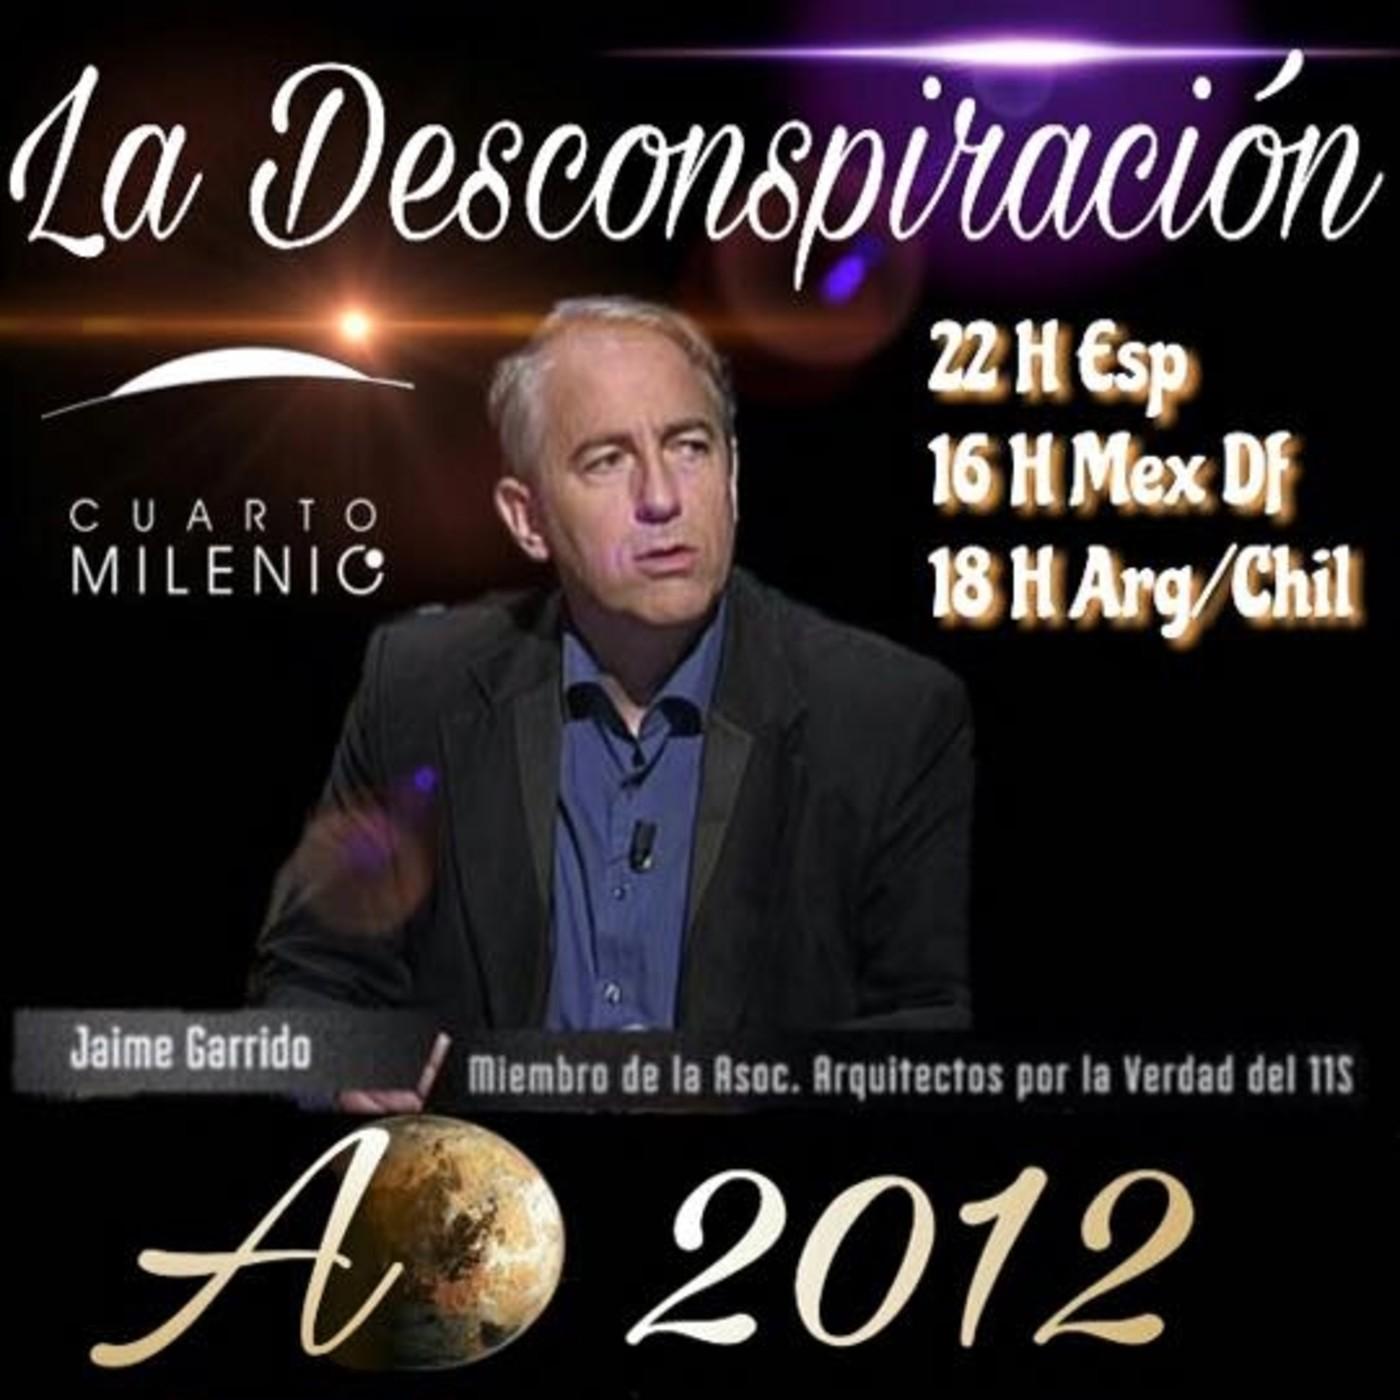 La desconspiracion con jaime garrido en podcast alerta for Jaime garrido cuarto milenio